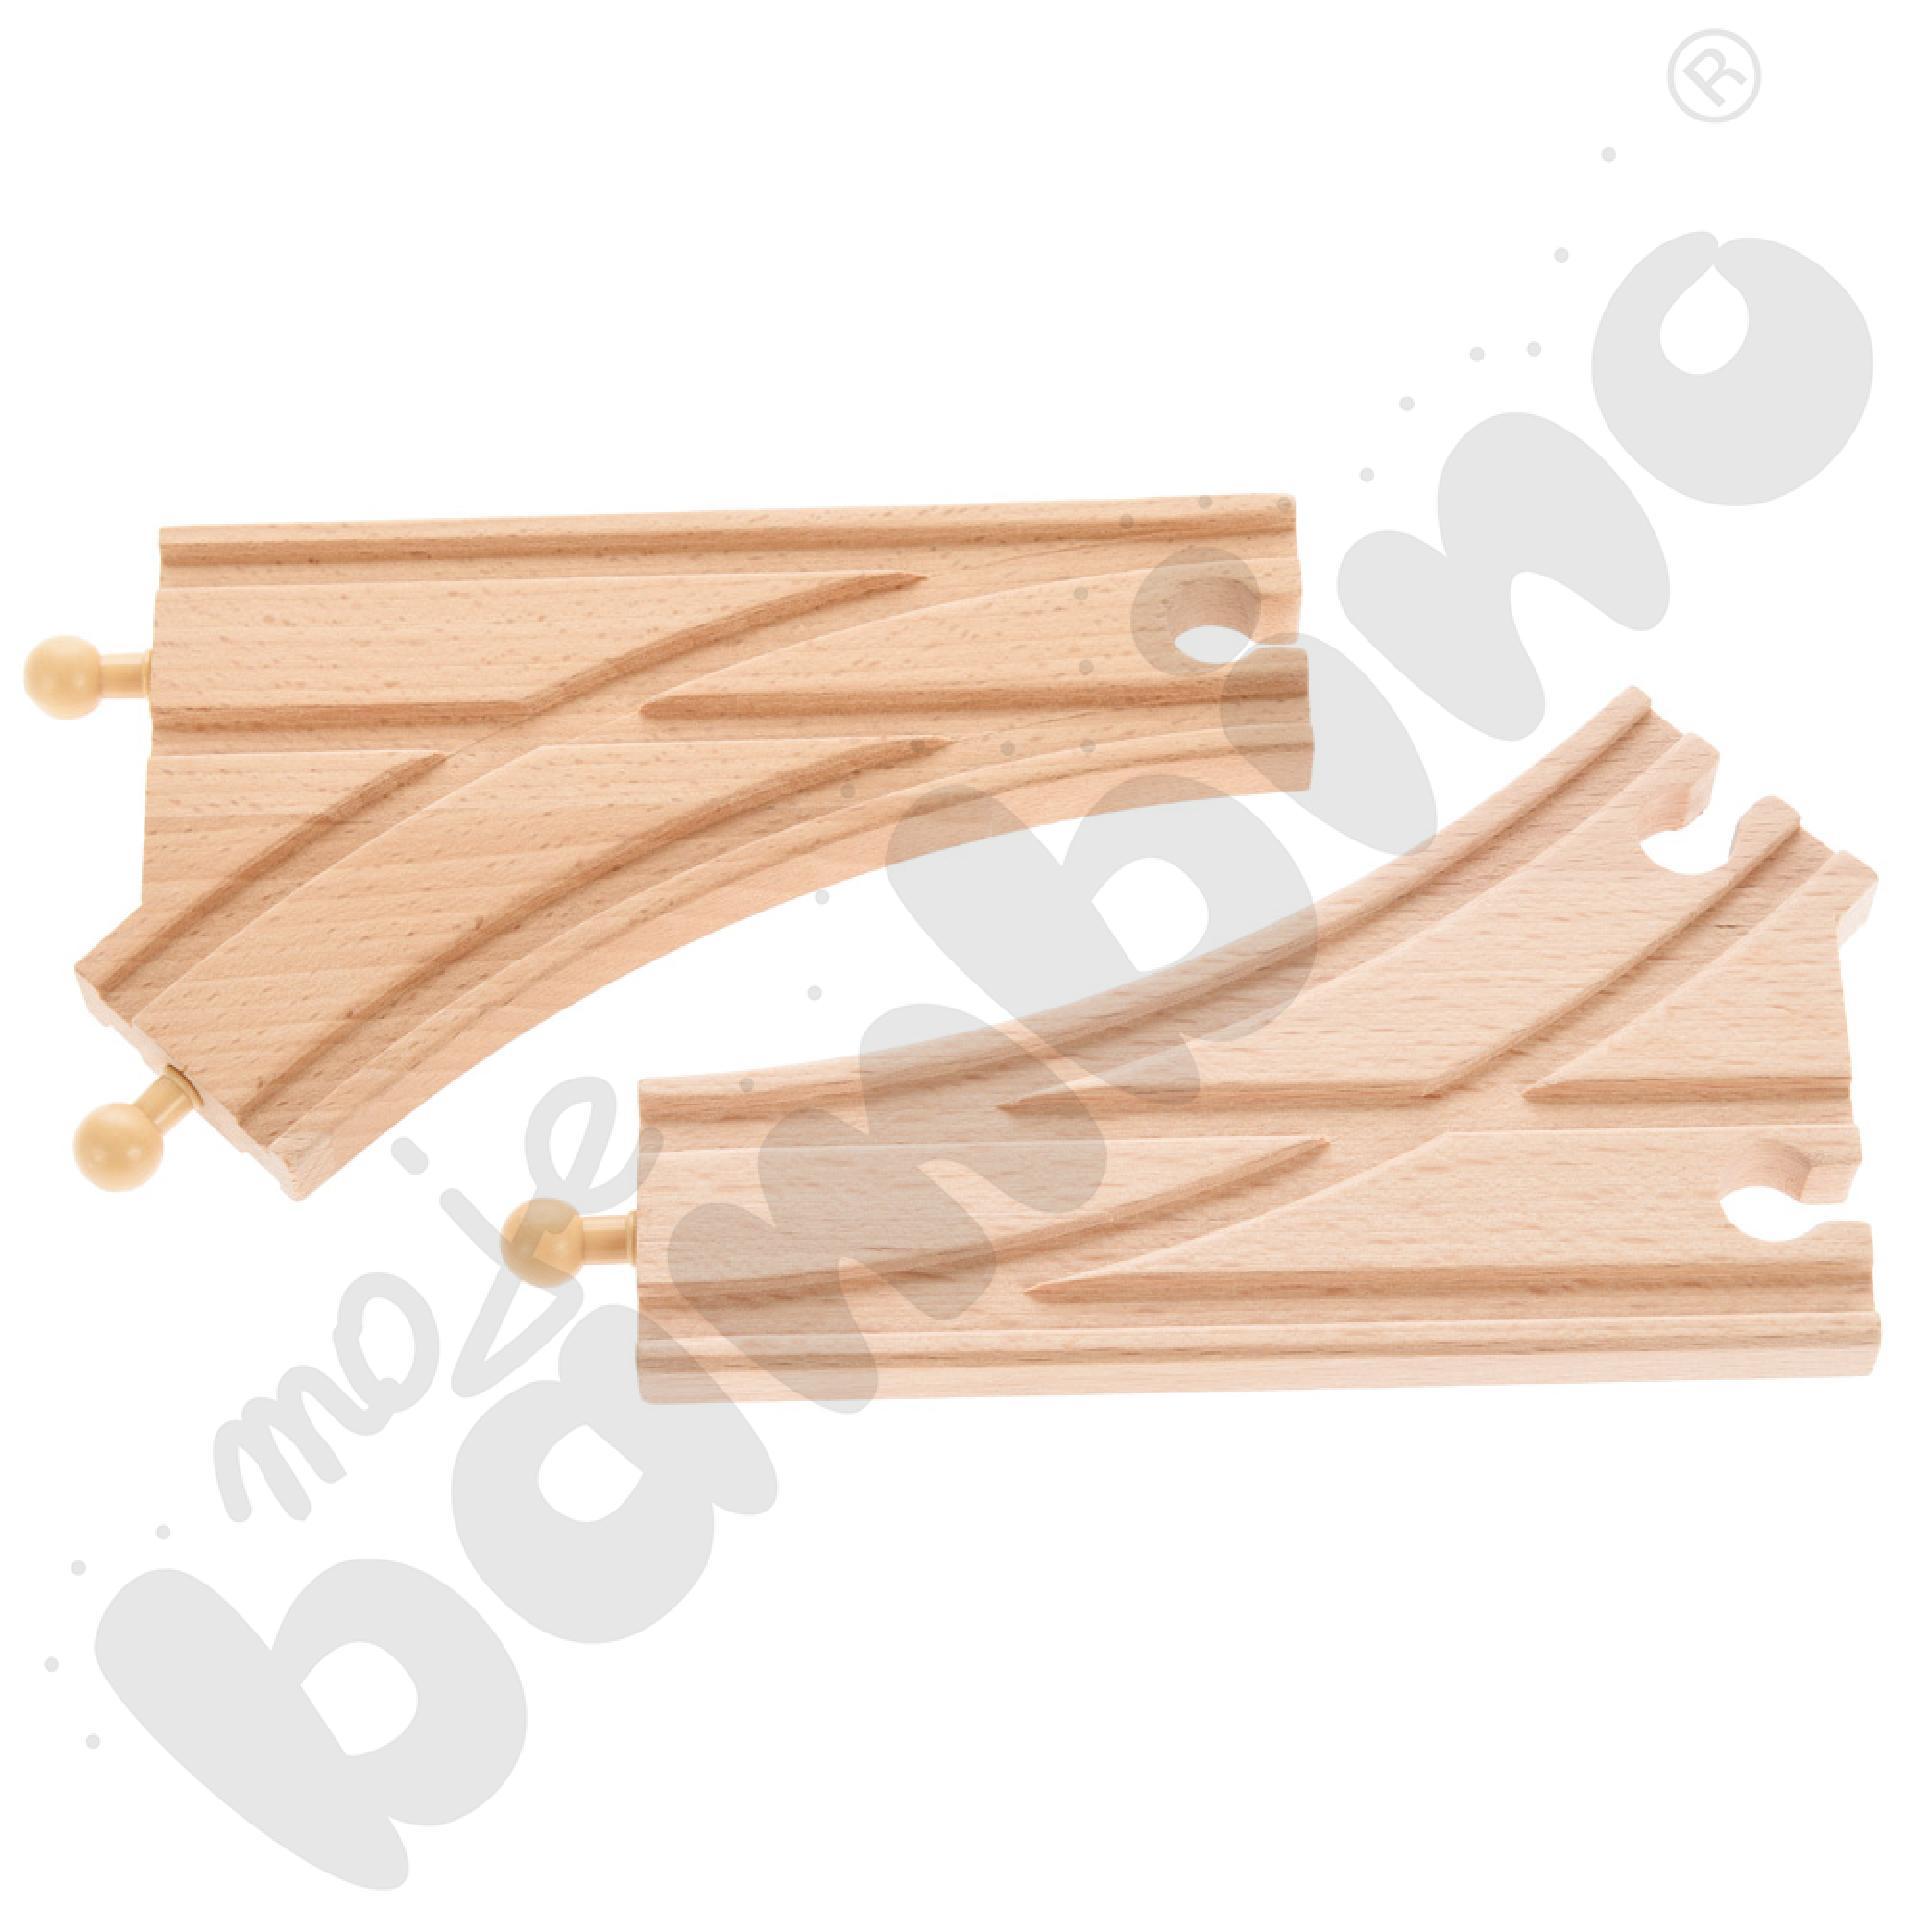 Drewniane tory - uzupełnienie 10